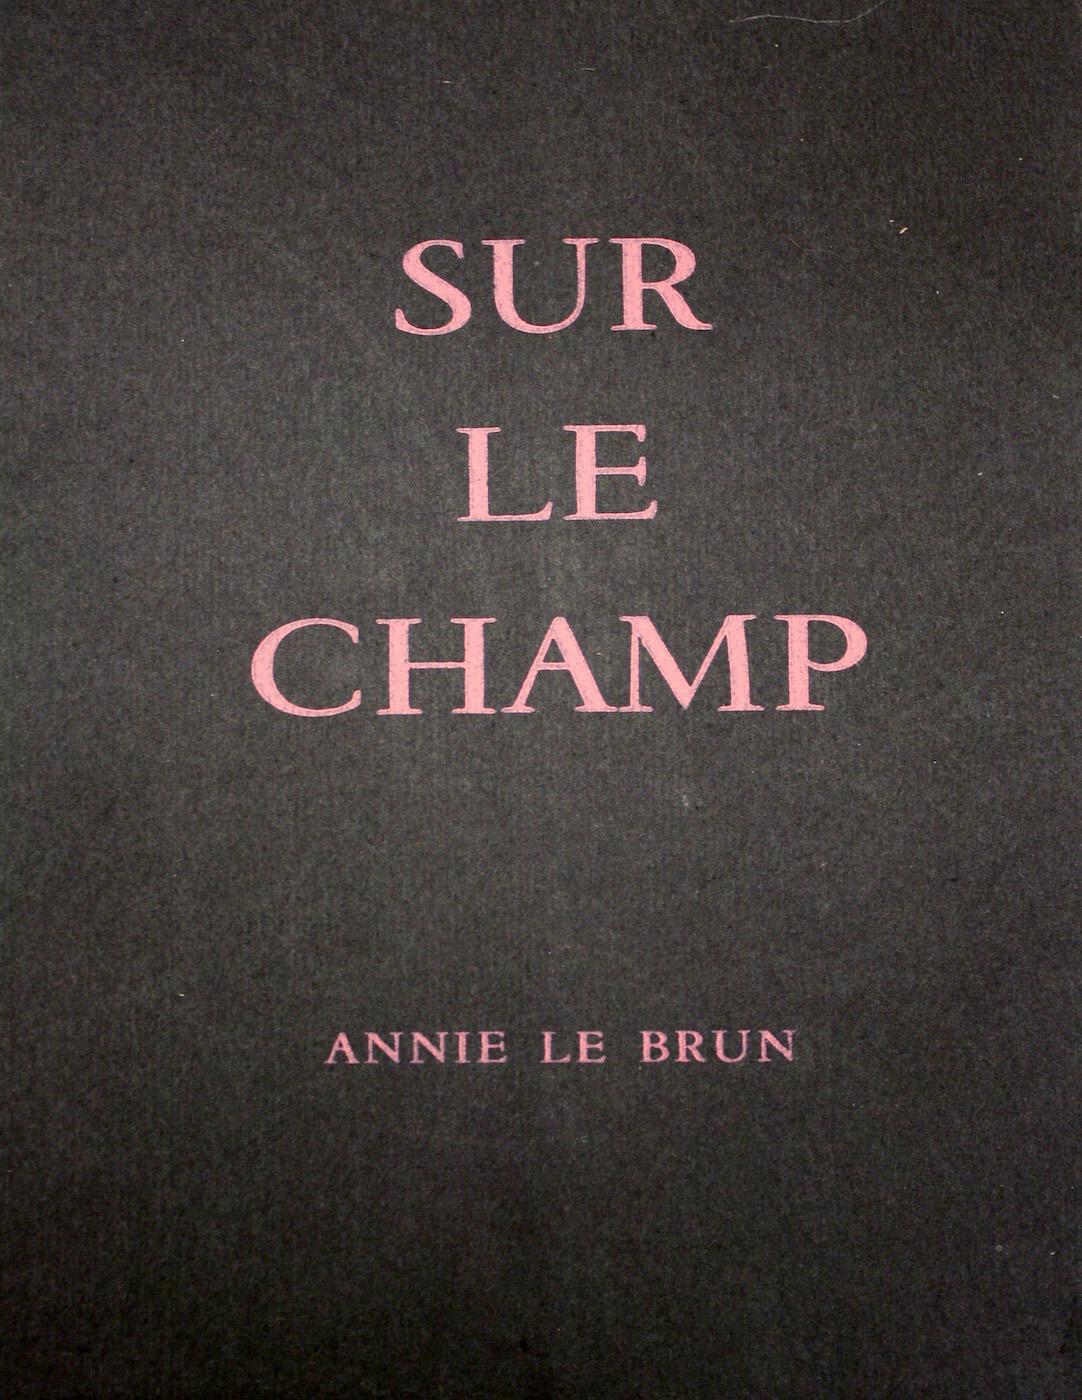 Annie Le Brun, <br /><em>Surlechamp</em>, 1967